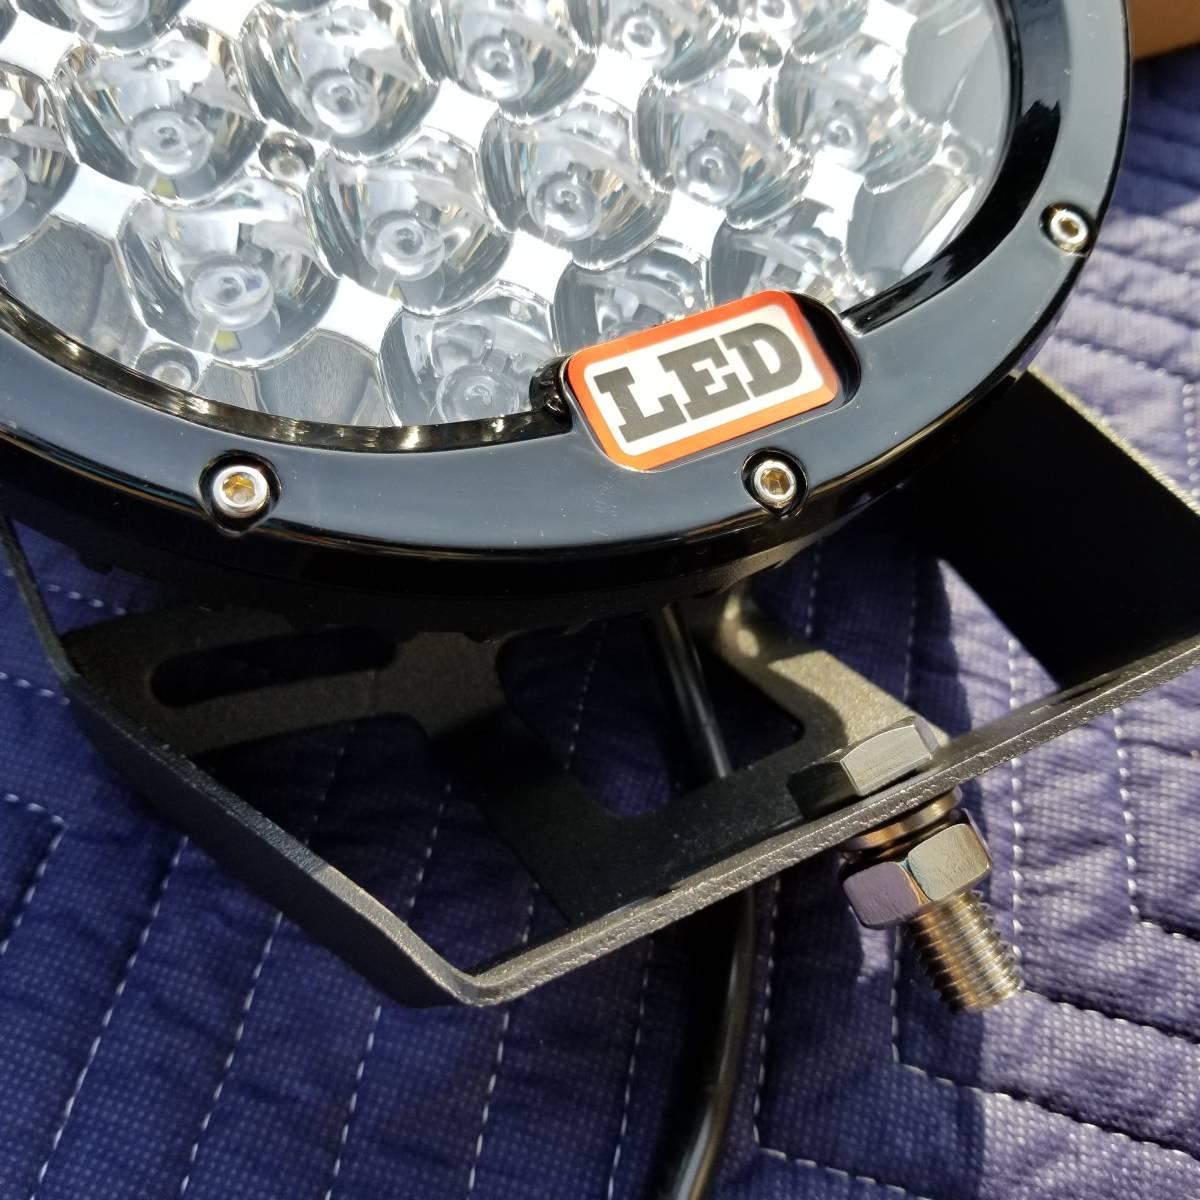 新品LED フォグライト 185w 作業灯 ワークライト 防水 CREE 2個 サーチライト ライトバー 丸型スポットビームARB プラド キャリア_画像7